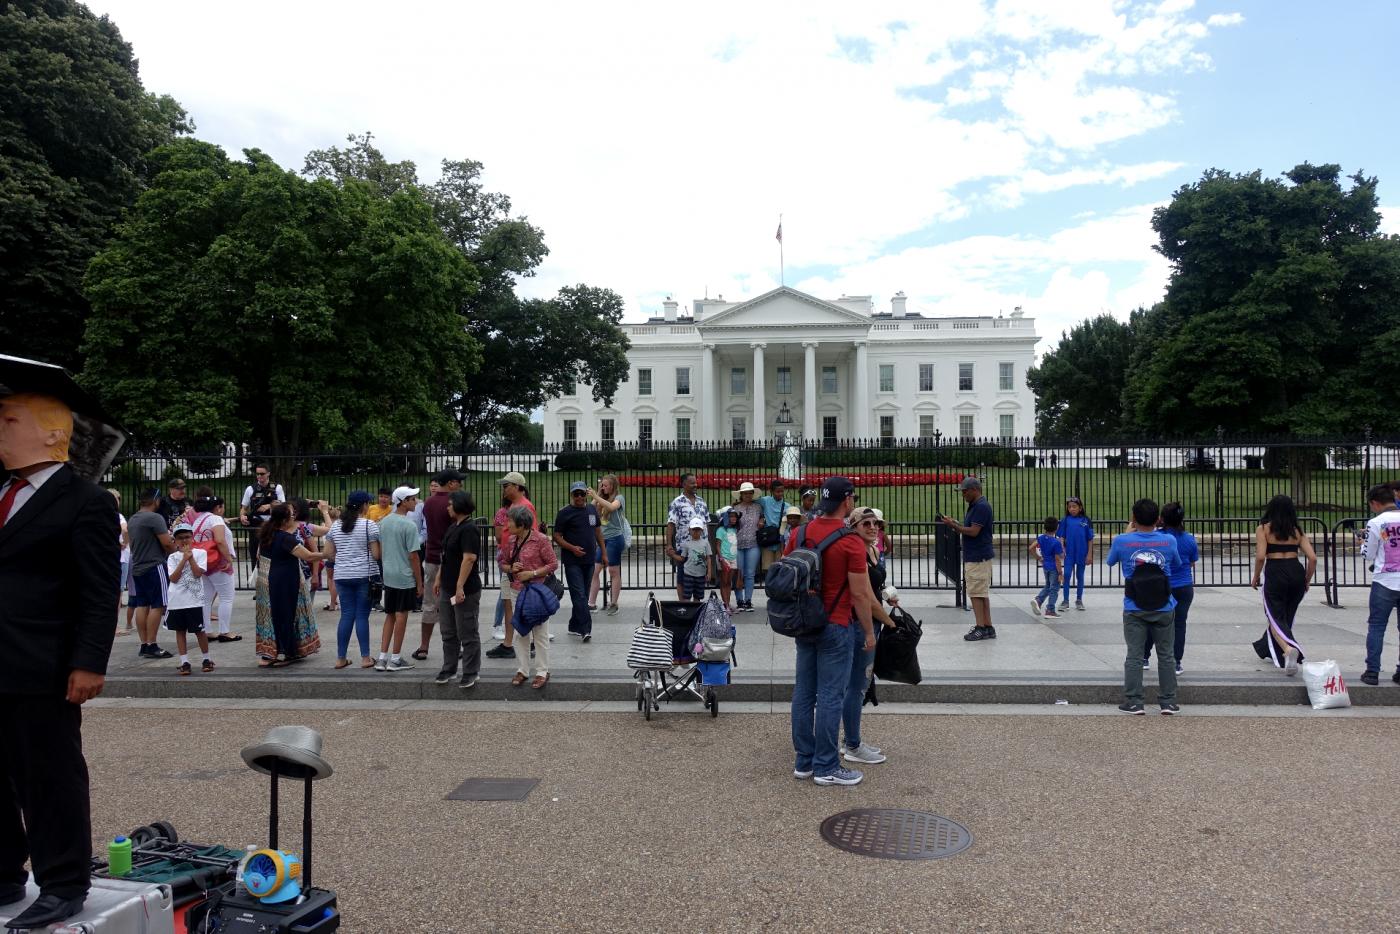 20年后重游美国首都华盛顿有感_图1-5